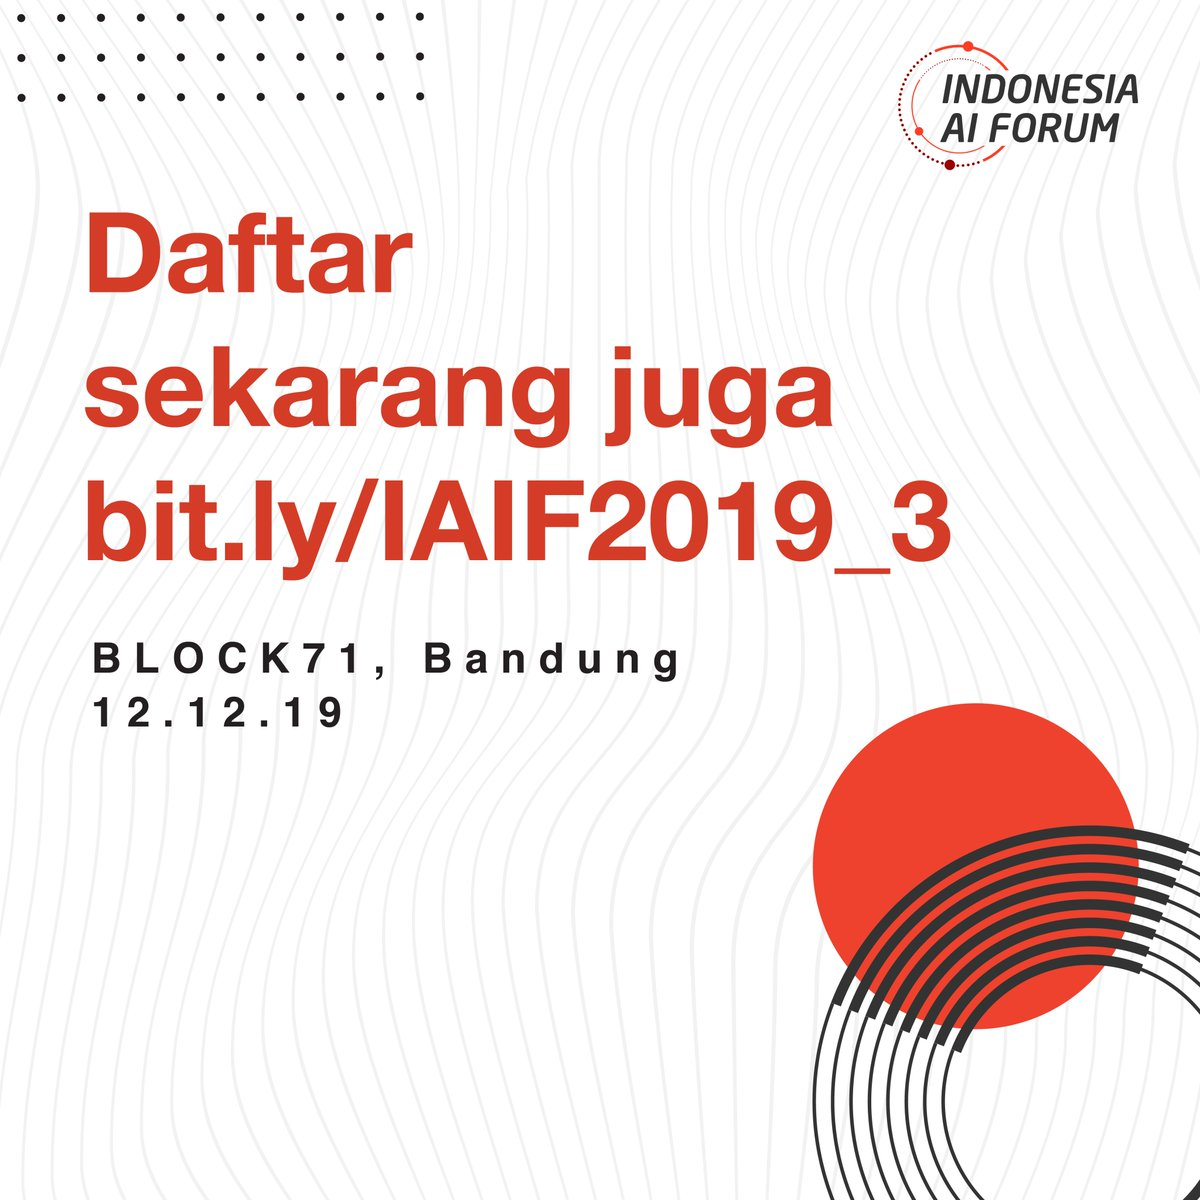 Indonesia AI Forum 2019 #3 sudah tinggal menghitung hari, kamu sudah punya tiketnya? Kamu bisa dapat banyak manfaat dan keuntungan, seperti:.Diskusi panel spesial,Networking session,Goodie bag,e-Certificate,Snacks.Dapatkan tiketnya di http://bit.ly/IAIF2019_3..#IAIF2019